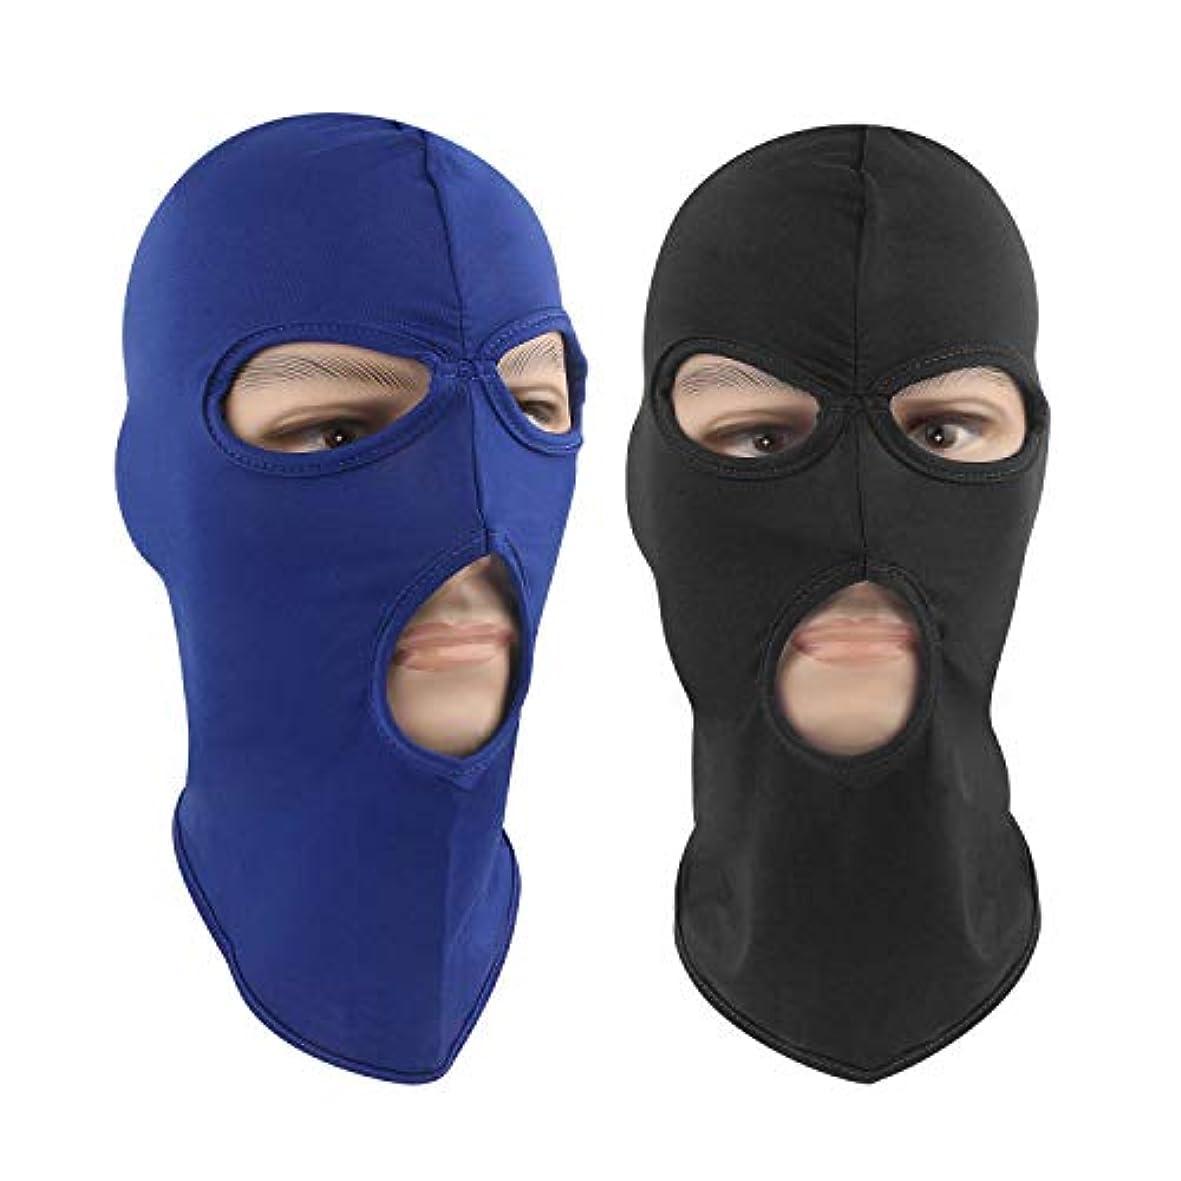 超越する医薬拒絶バラクラバマスク3ホール式 伸縮速乾 柔軟軽量 保温通気 UVカット 防風 フルフェイスマスク,ブラック+ブルー,2個